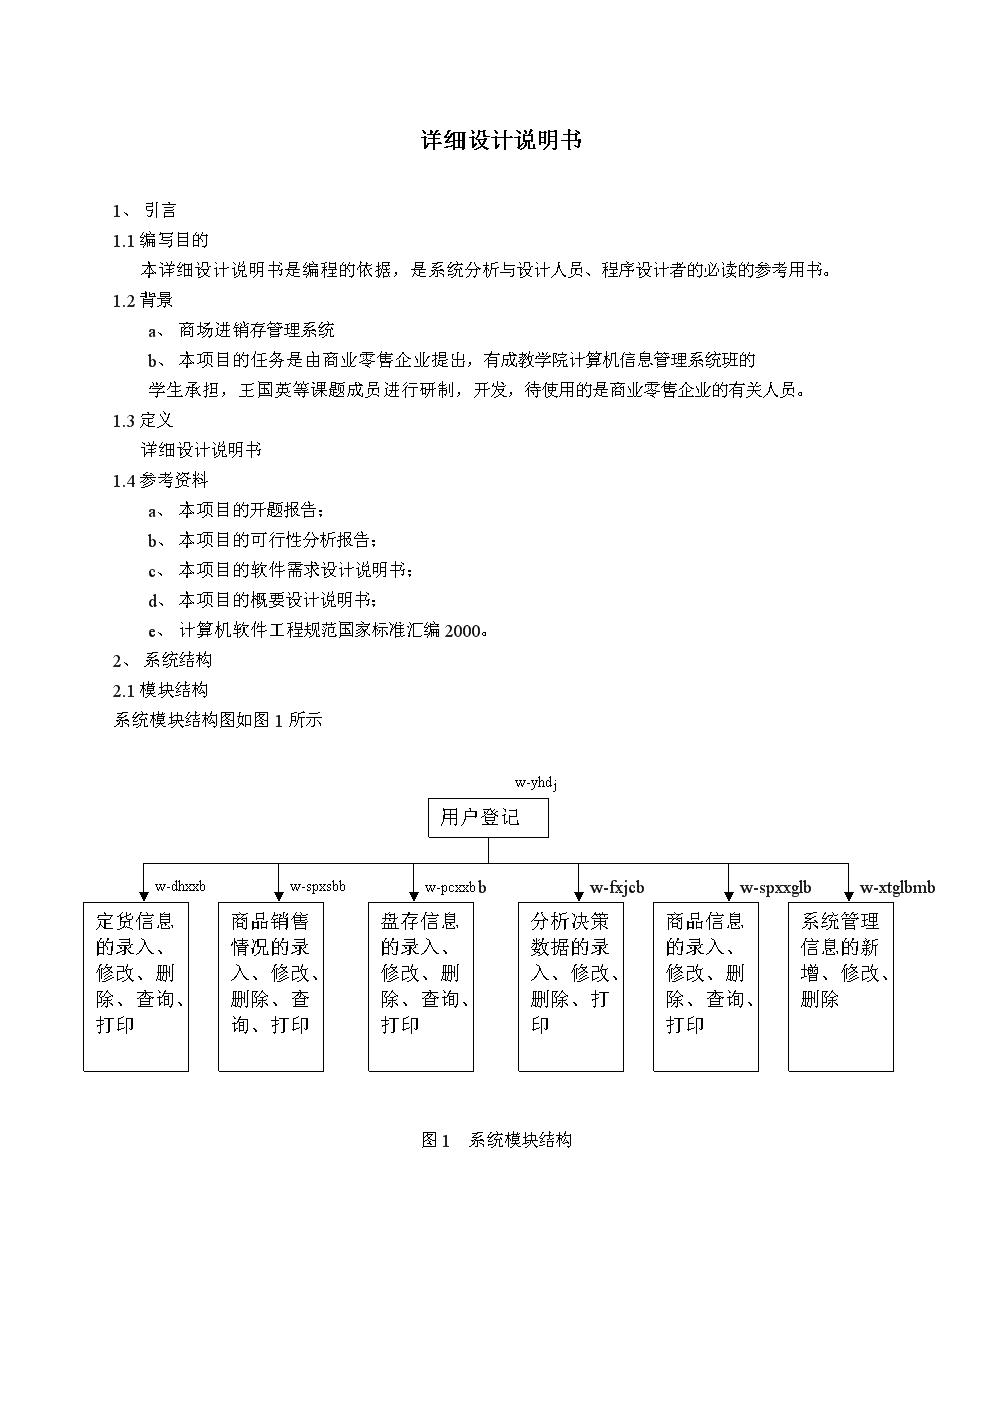 29 审核日期 输入信息编号 d-spxxglb 输入信息名称 商品信息管理表